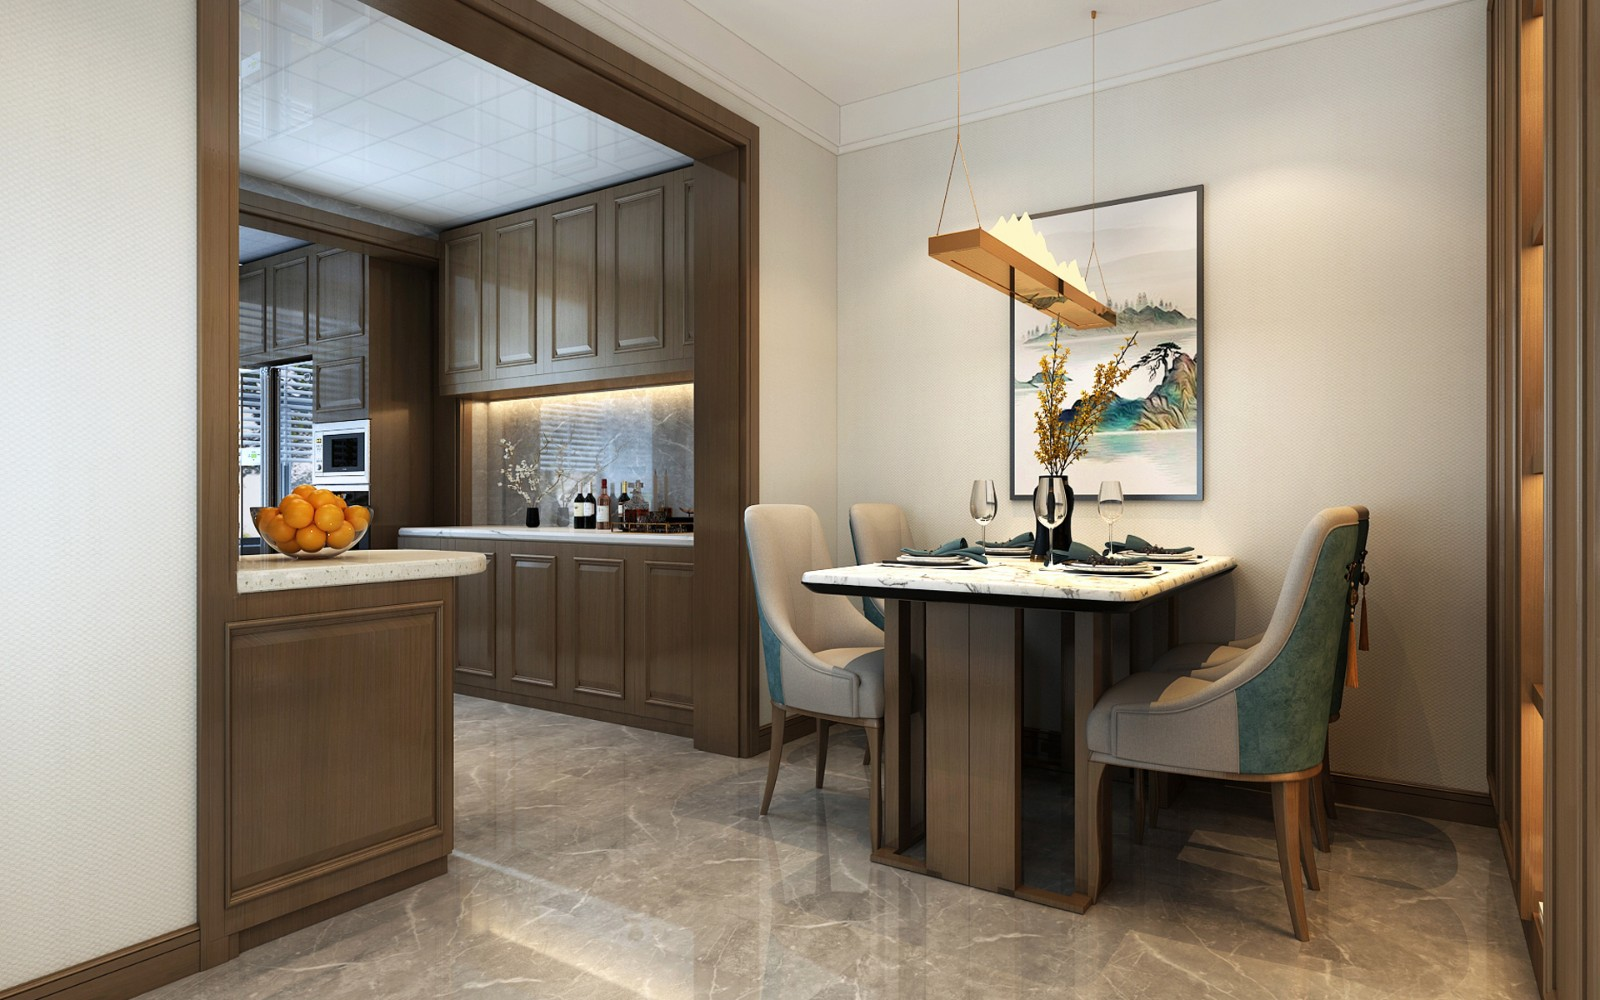 2021新中式餐厅效果图 2021新中式厨房岛台效果图